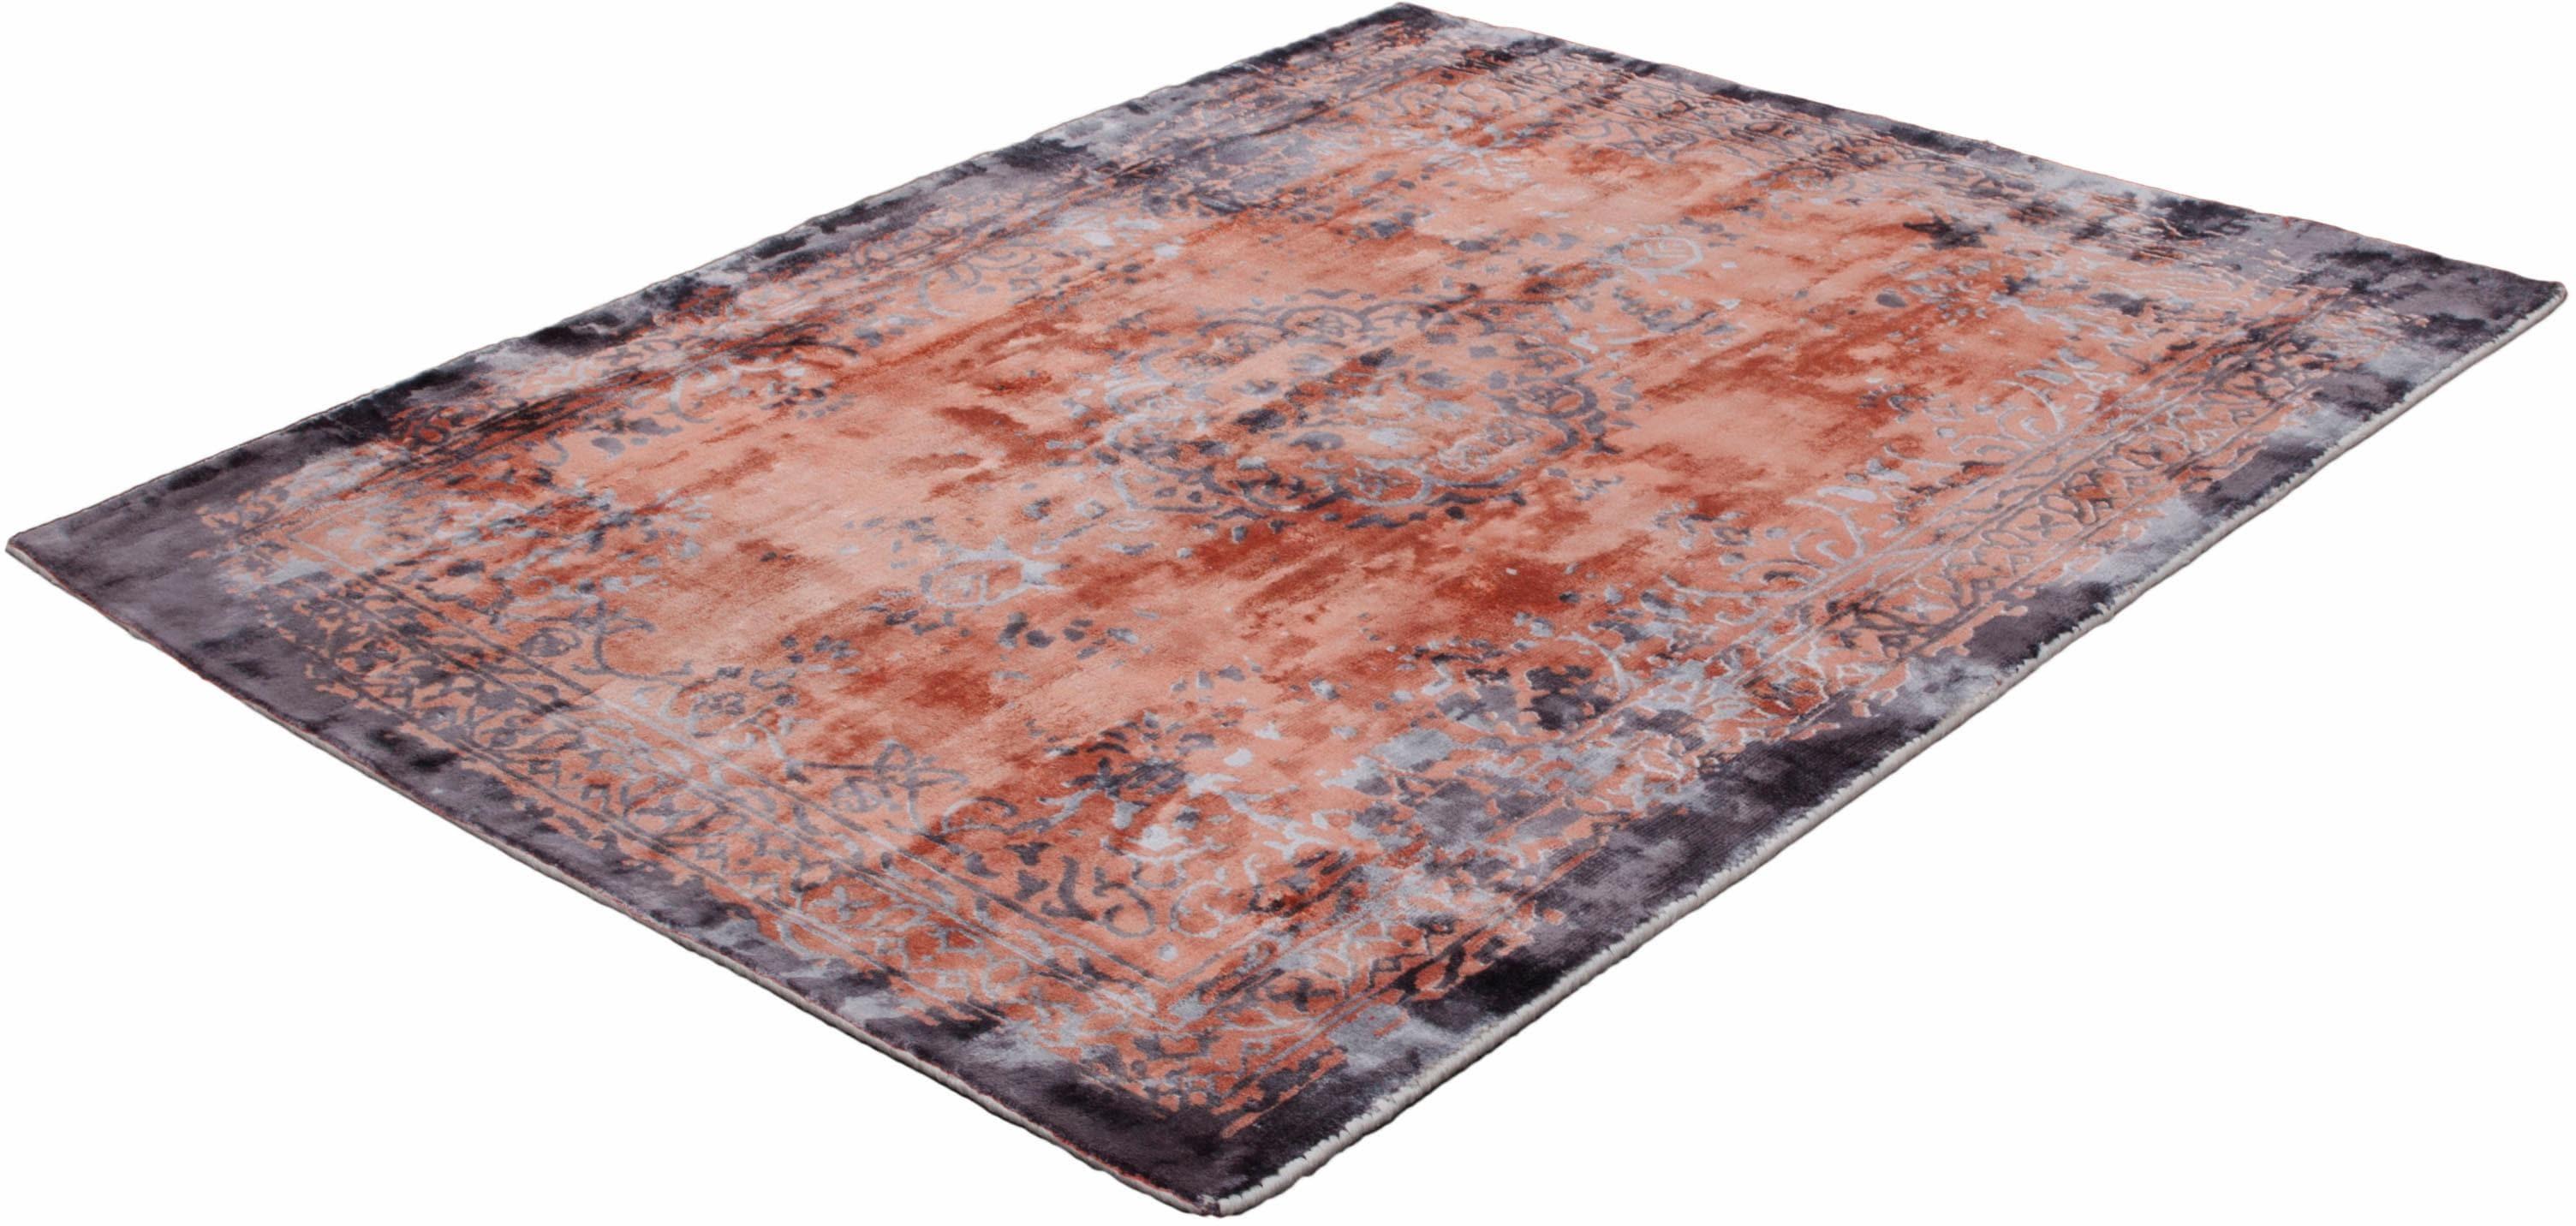 Teppich Boutique 903 LALEE rechteckig Höhe 14 mm handgewebt